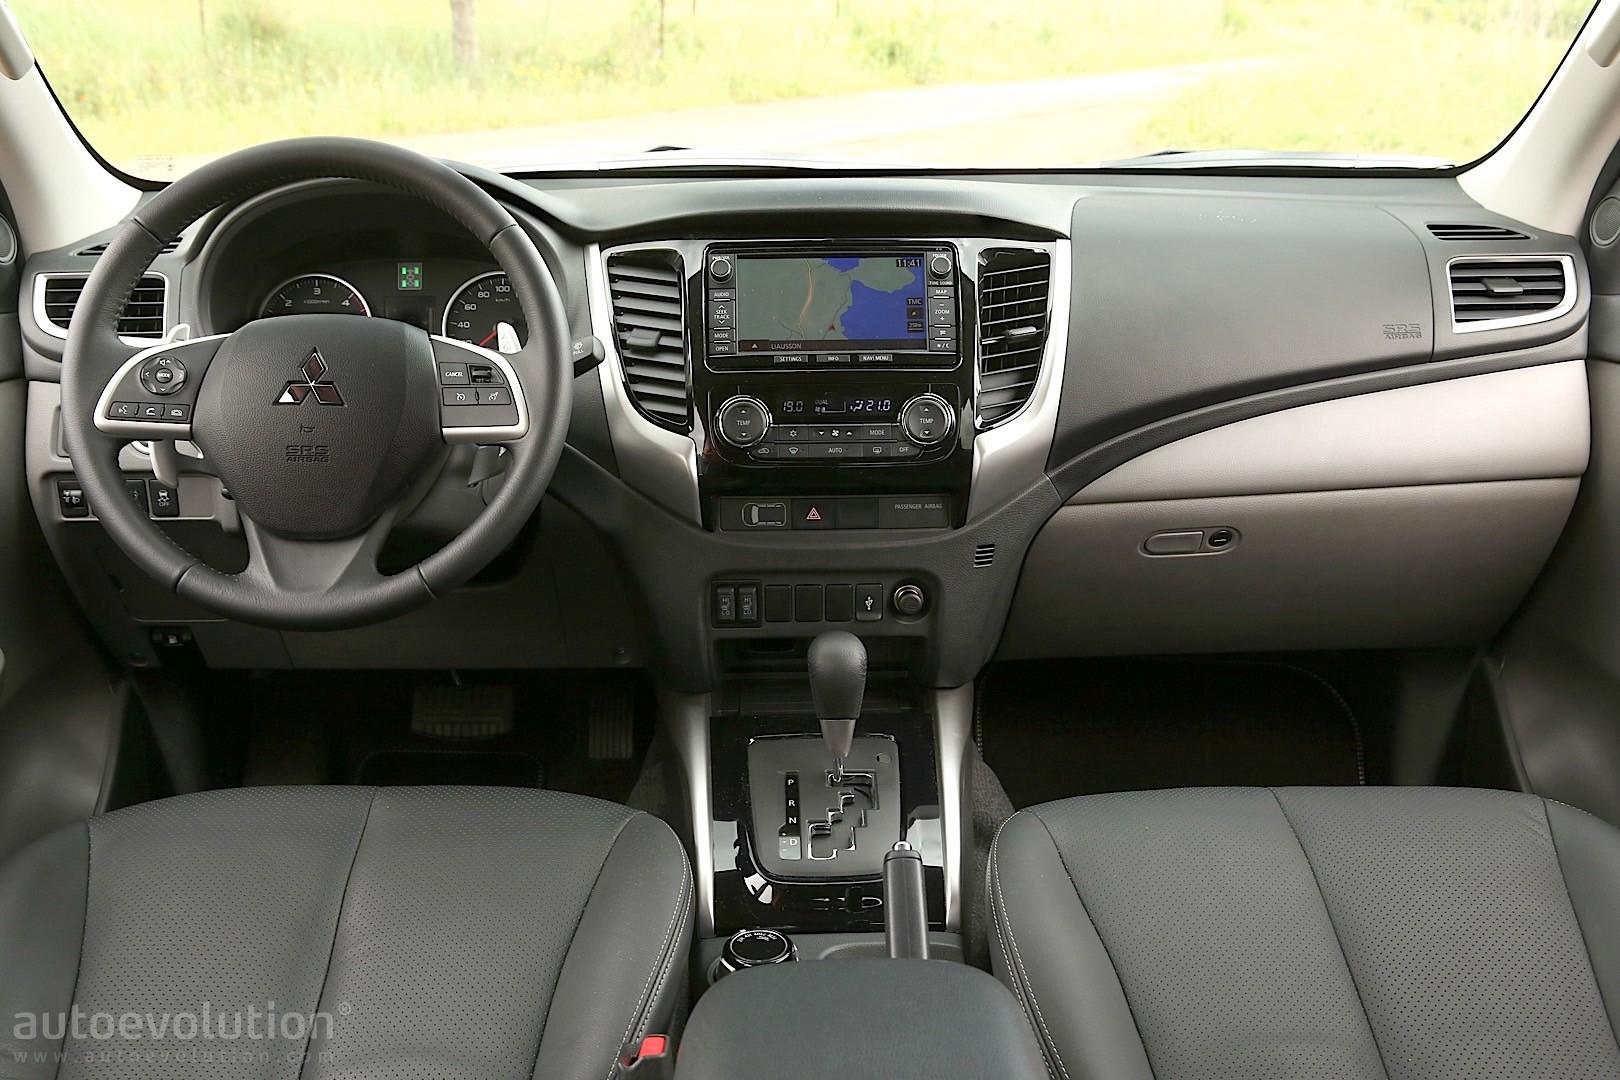 2015 mitsubishi l200 double cab review autoevolution2016 Mitsubishi L200 Interior #9